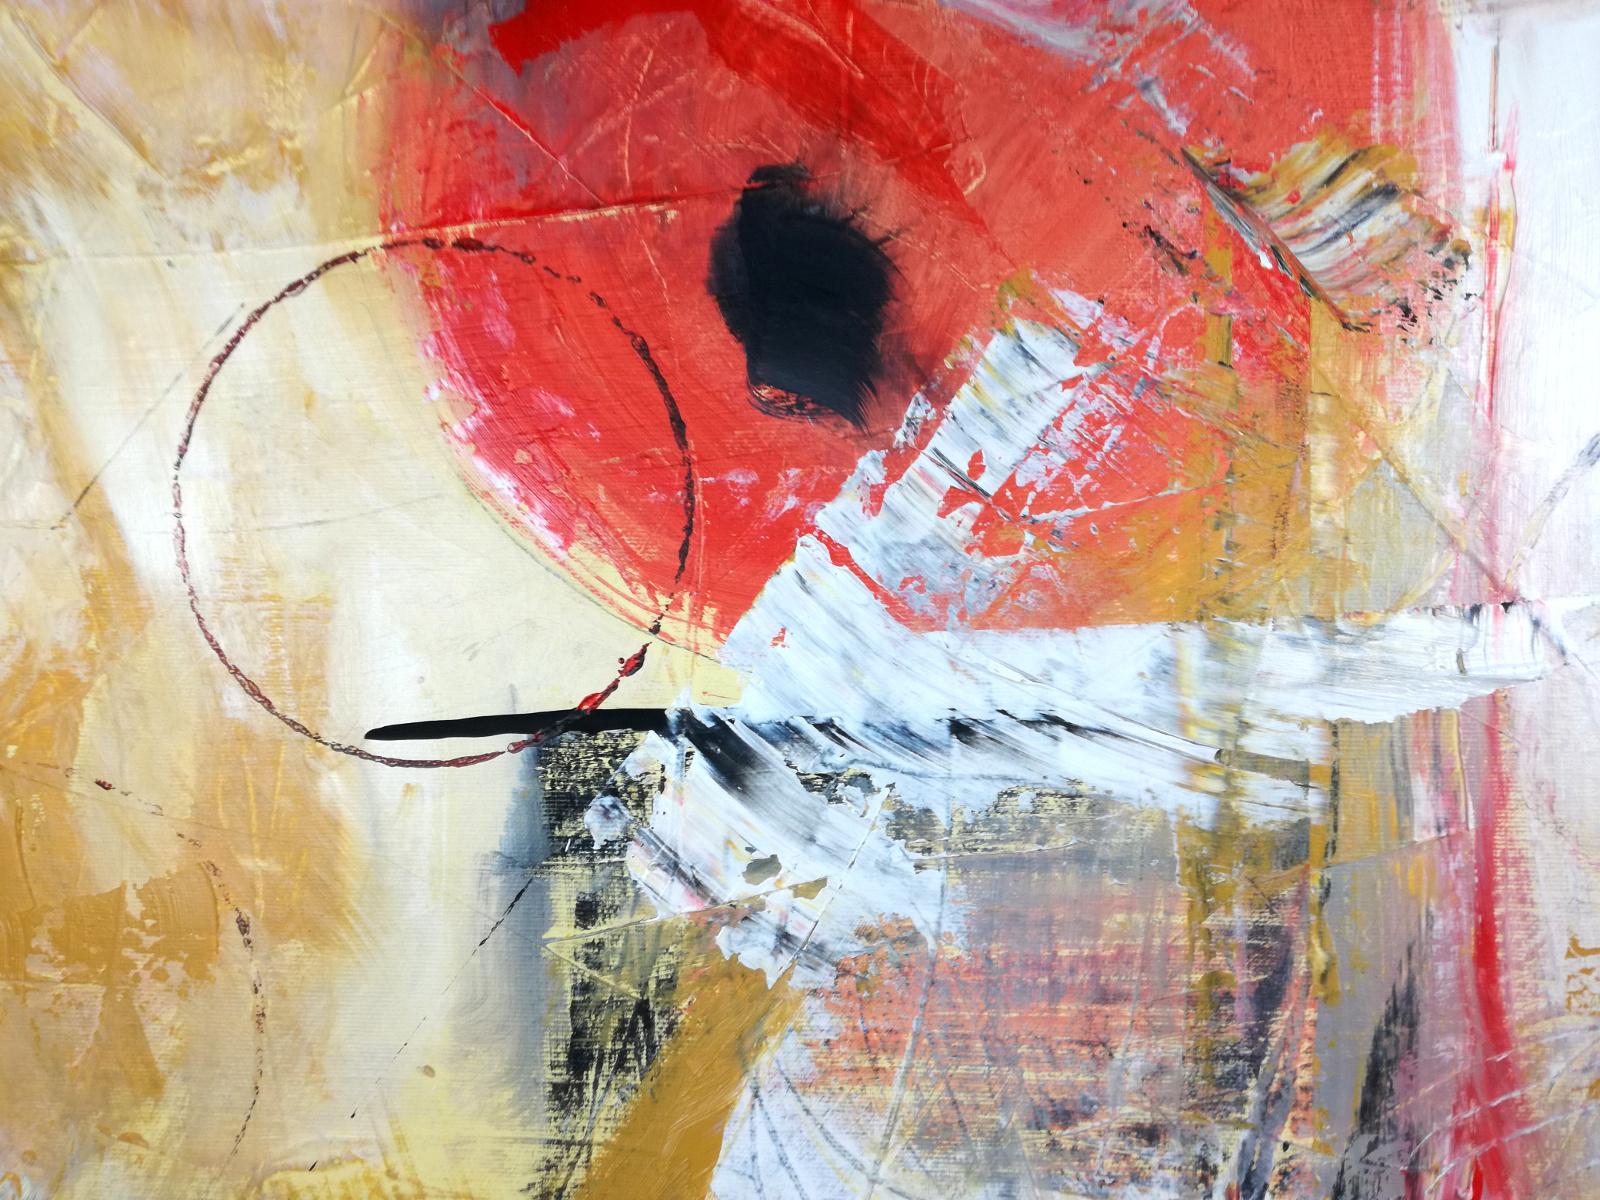 quadro astratto dettaglio c01 - quadri astratti informali per soggiorno 150x65